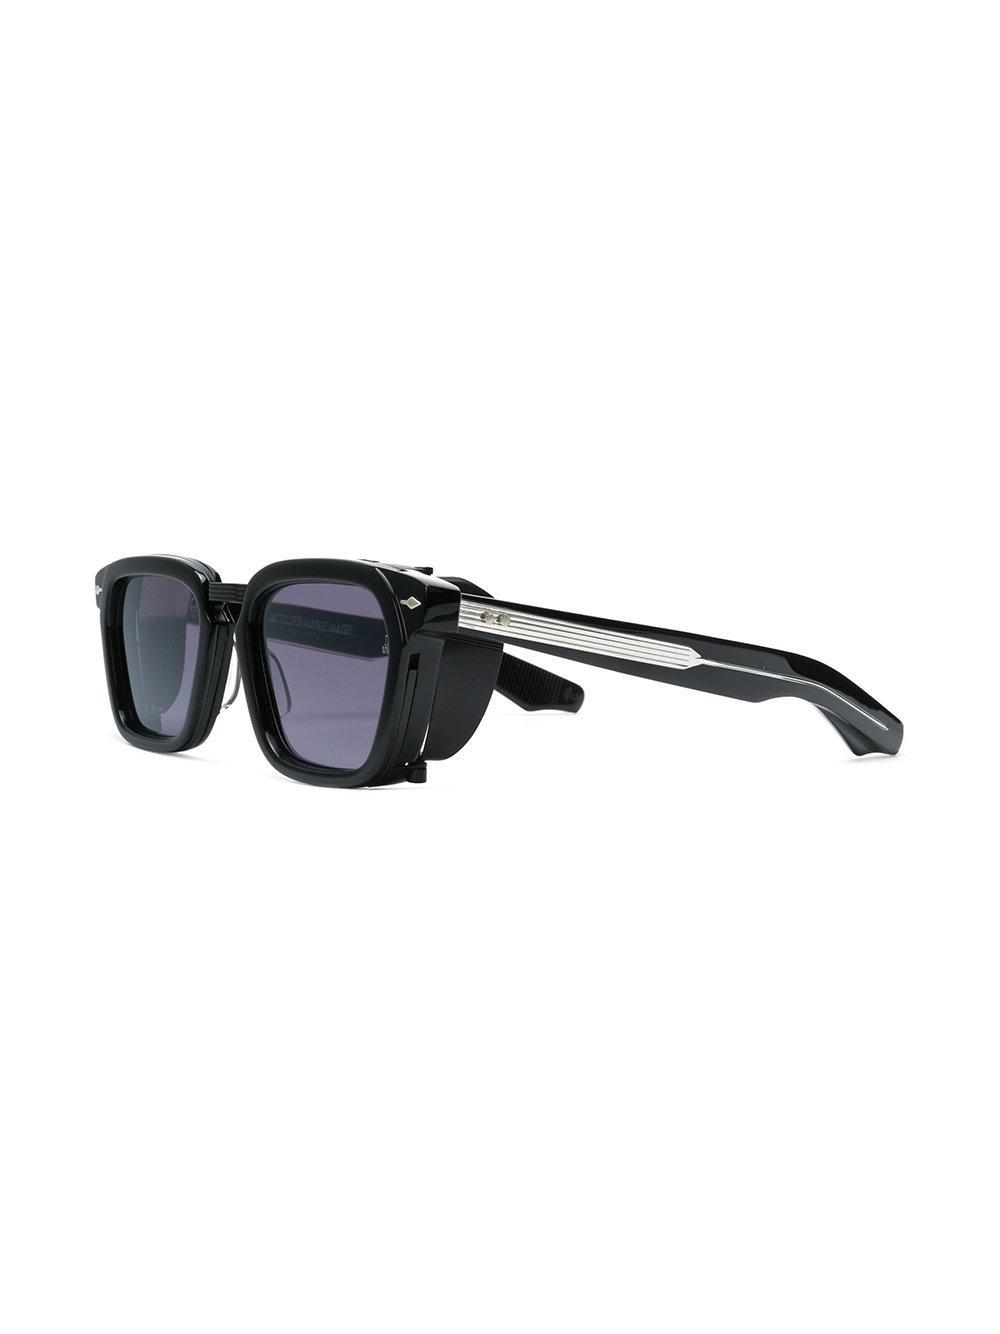 Jacques Marie Mage Borodino Sunglasses in Black